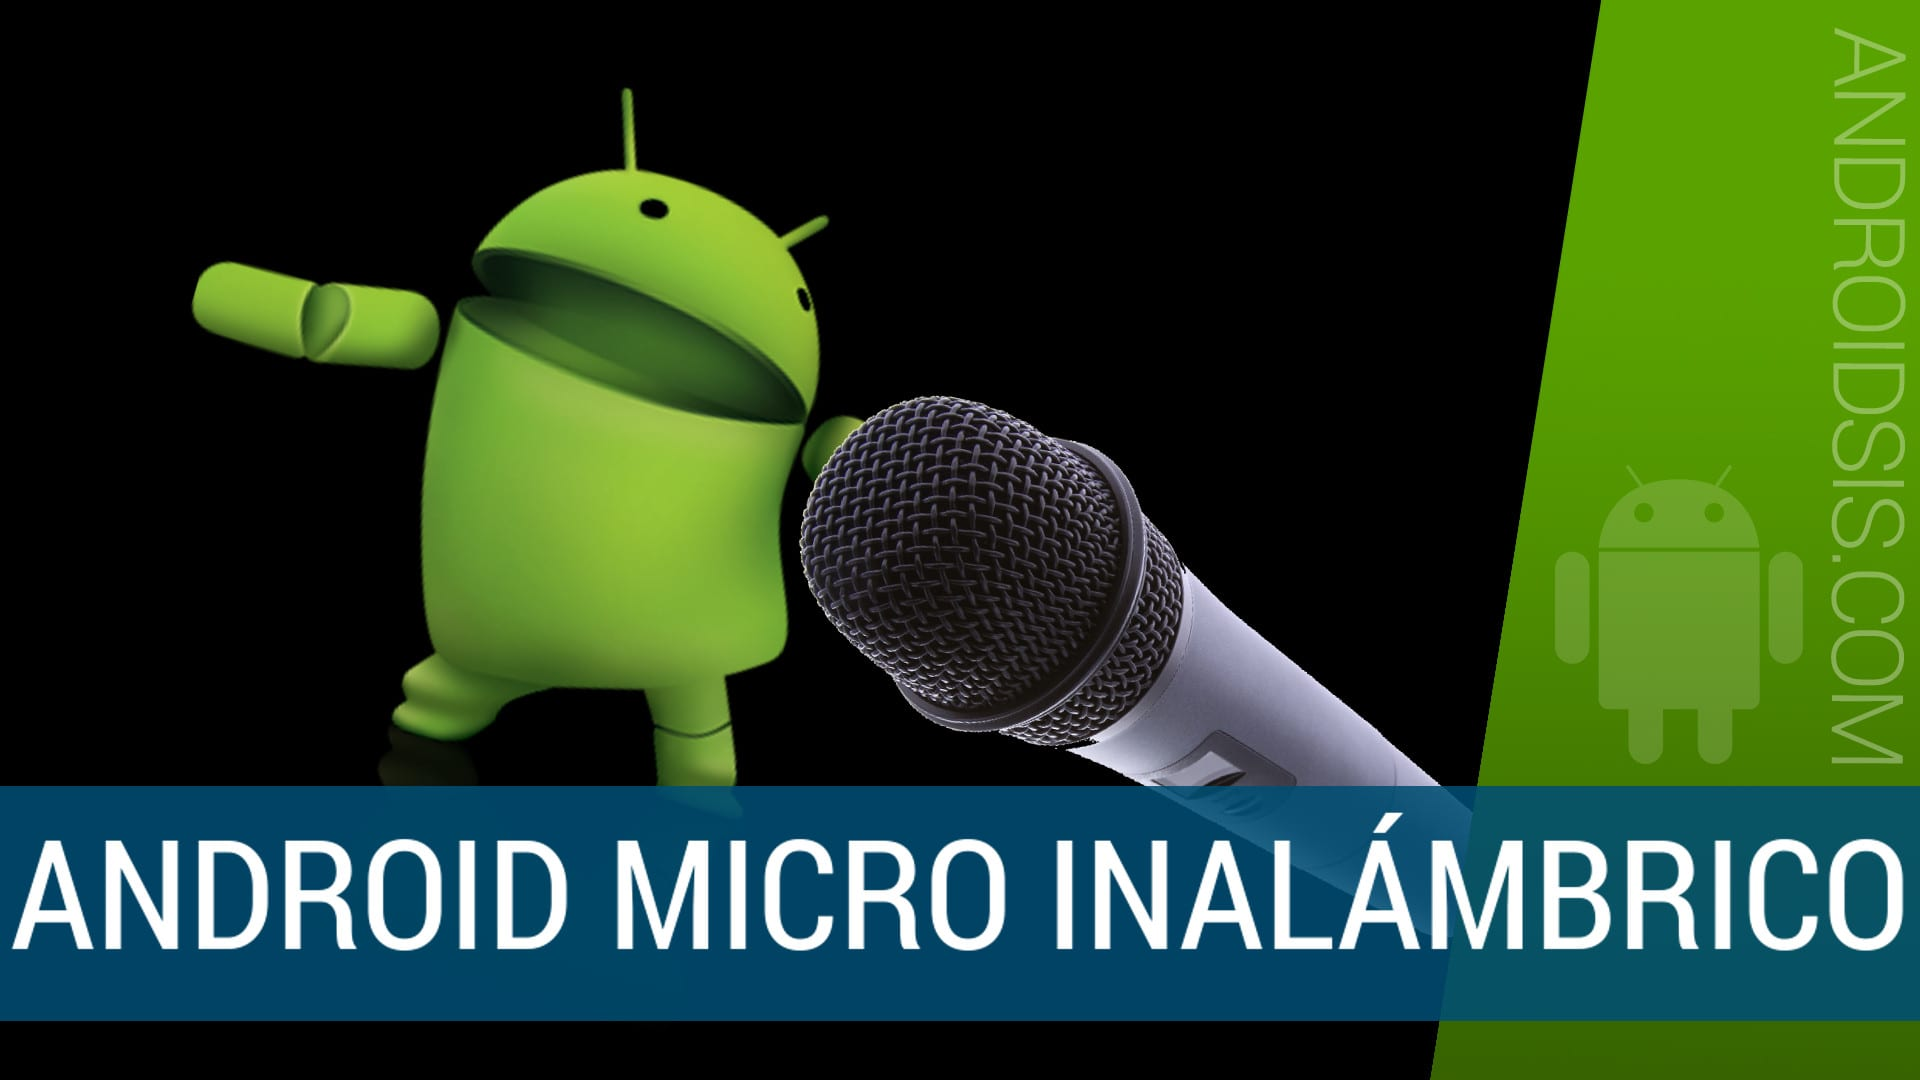 Convertir Android en micro inalámbrico